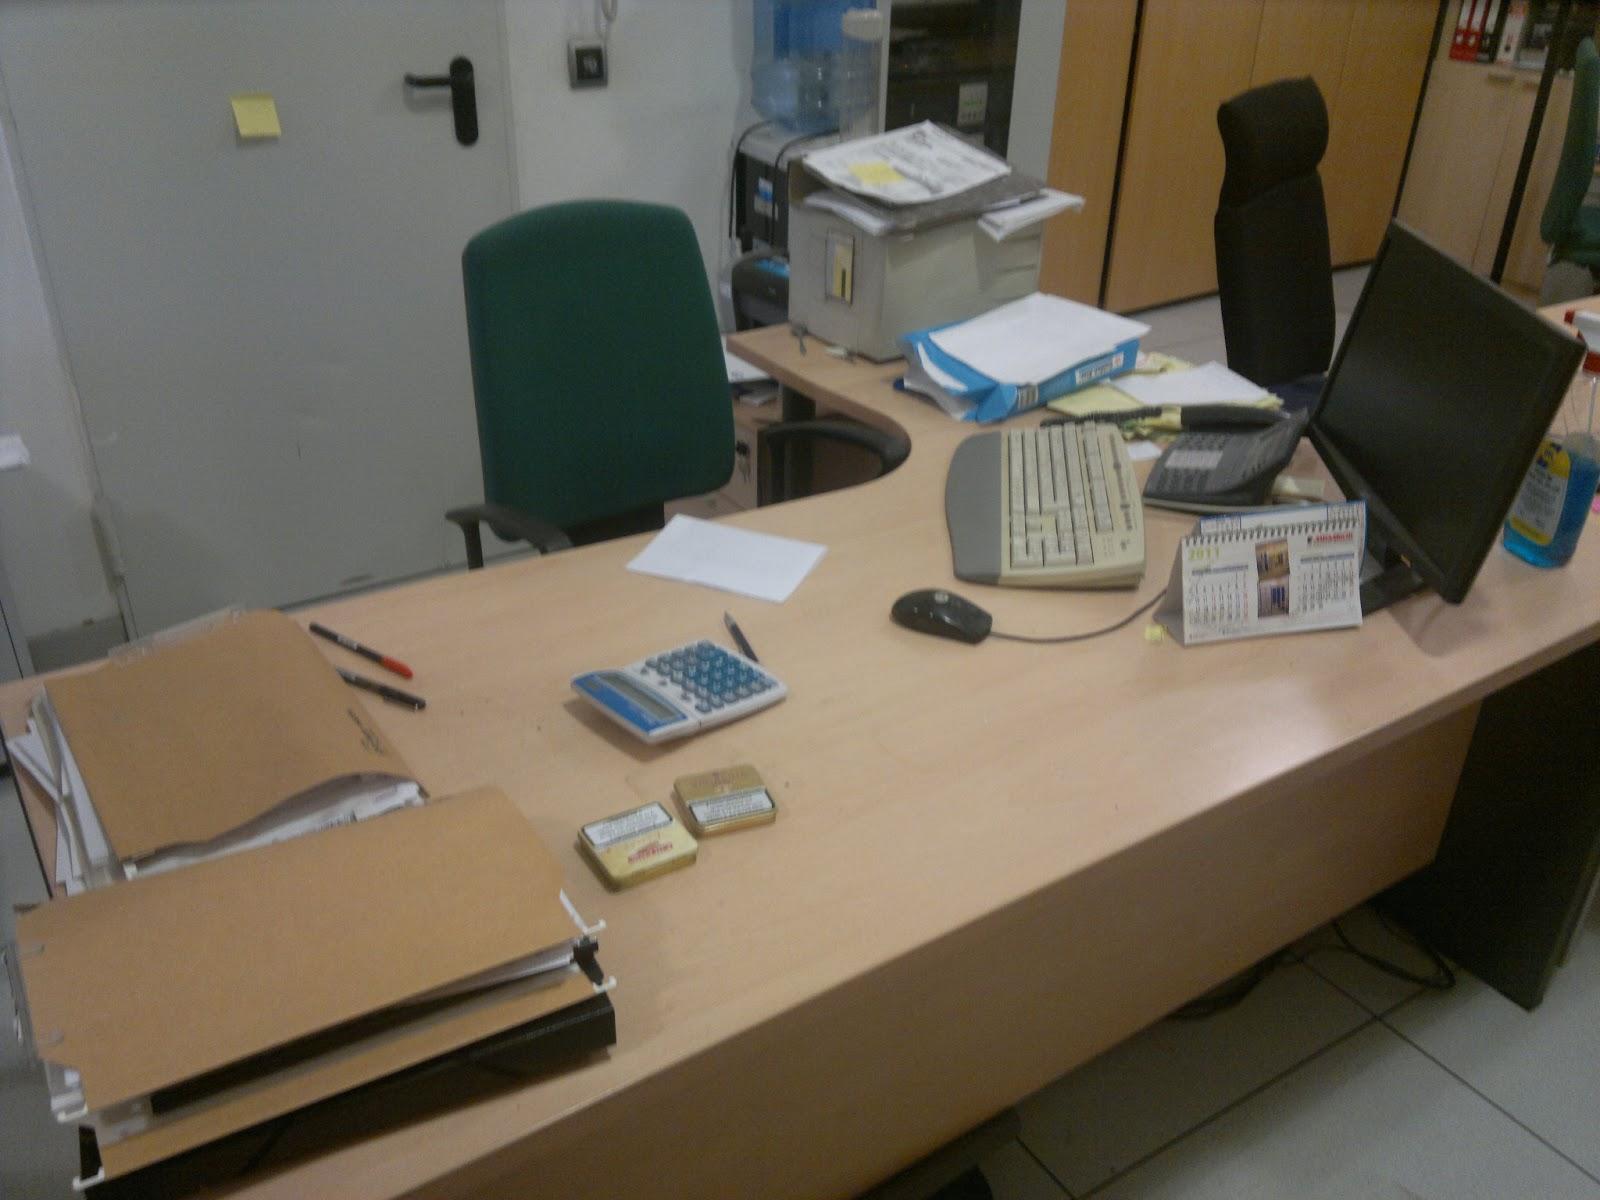 La tova mobiliario y material de oficina for Material de oficina precios